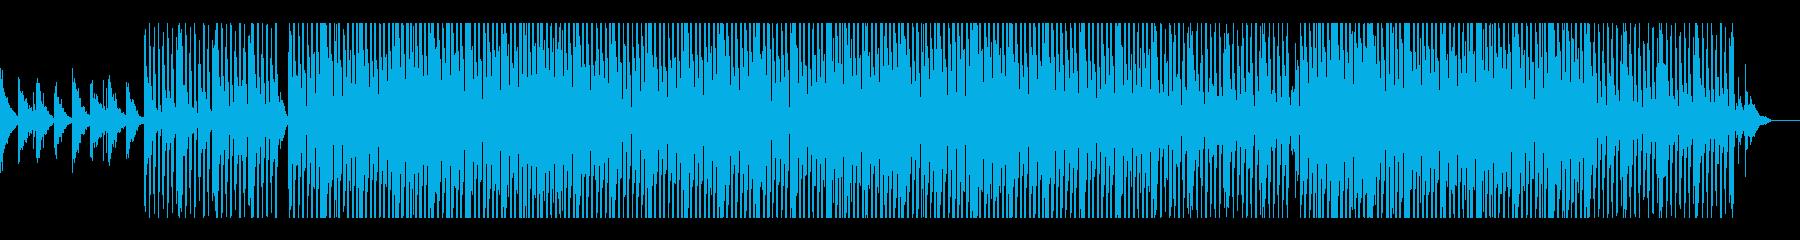 リラックス・さわやかなアコギのテクノの再生済みの波形